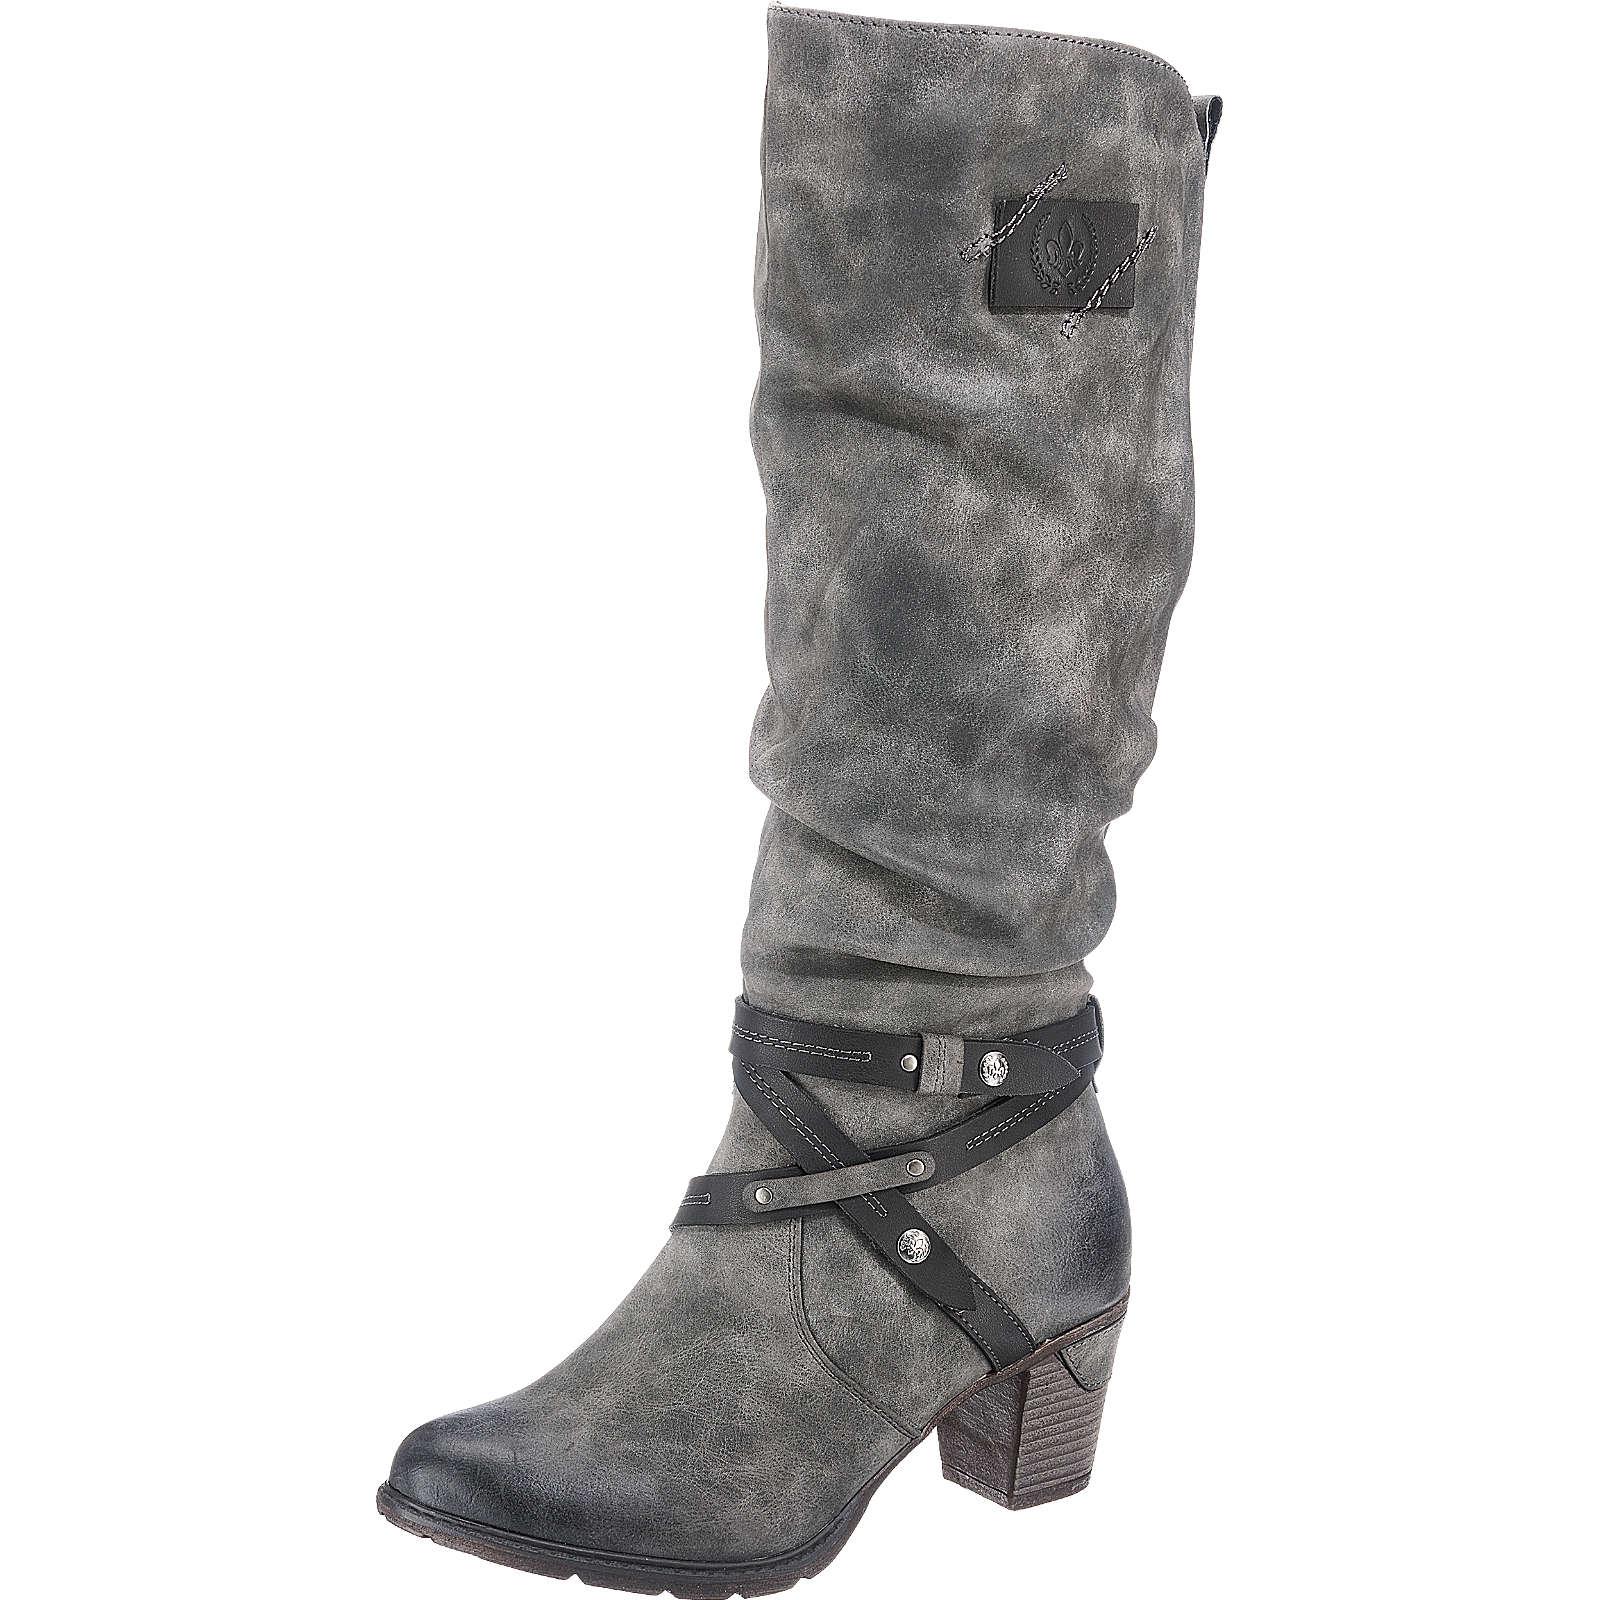 rieker Stiefel grau-kombi Damen Gr. 42